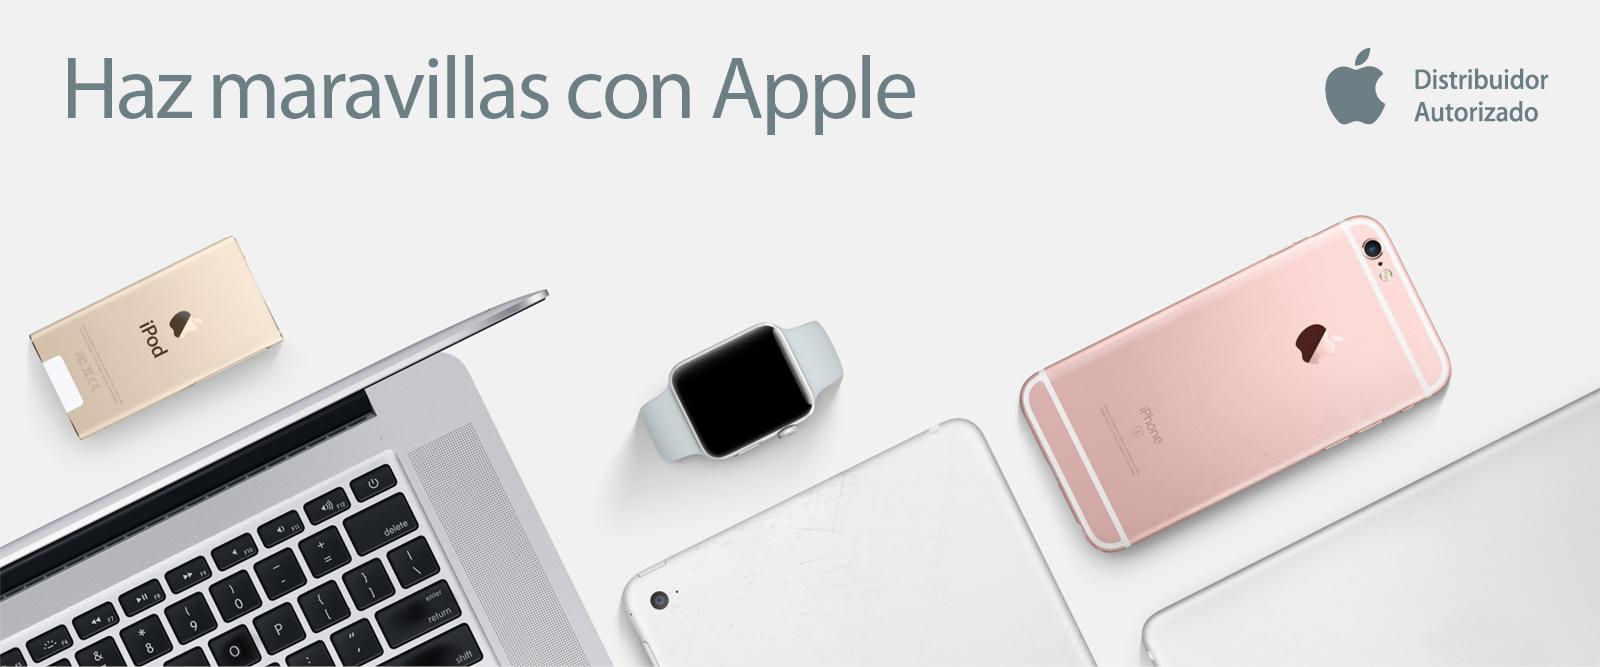 Haz maravillas con Apple